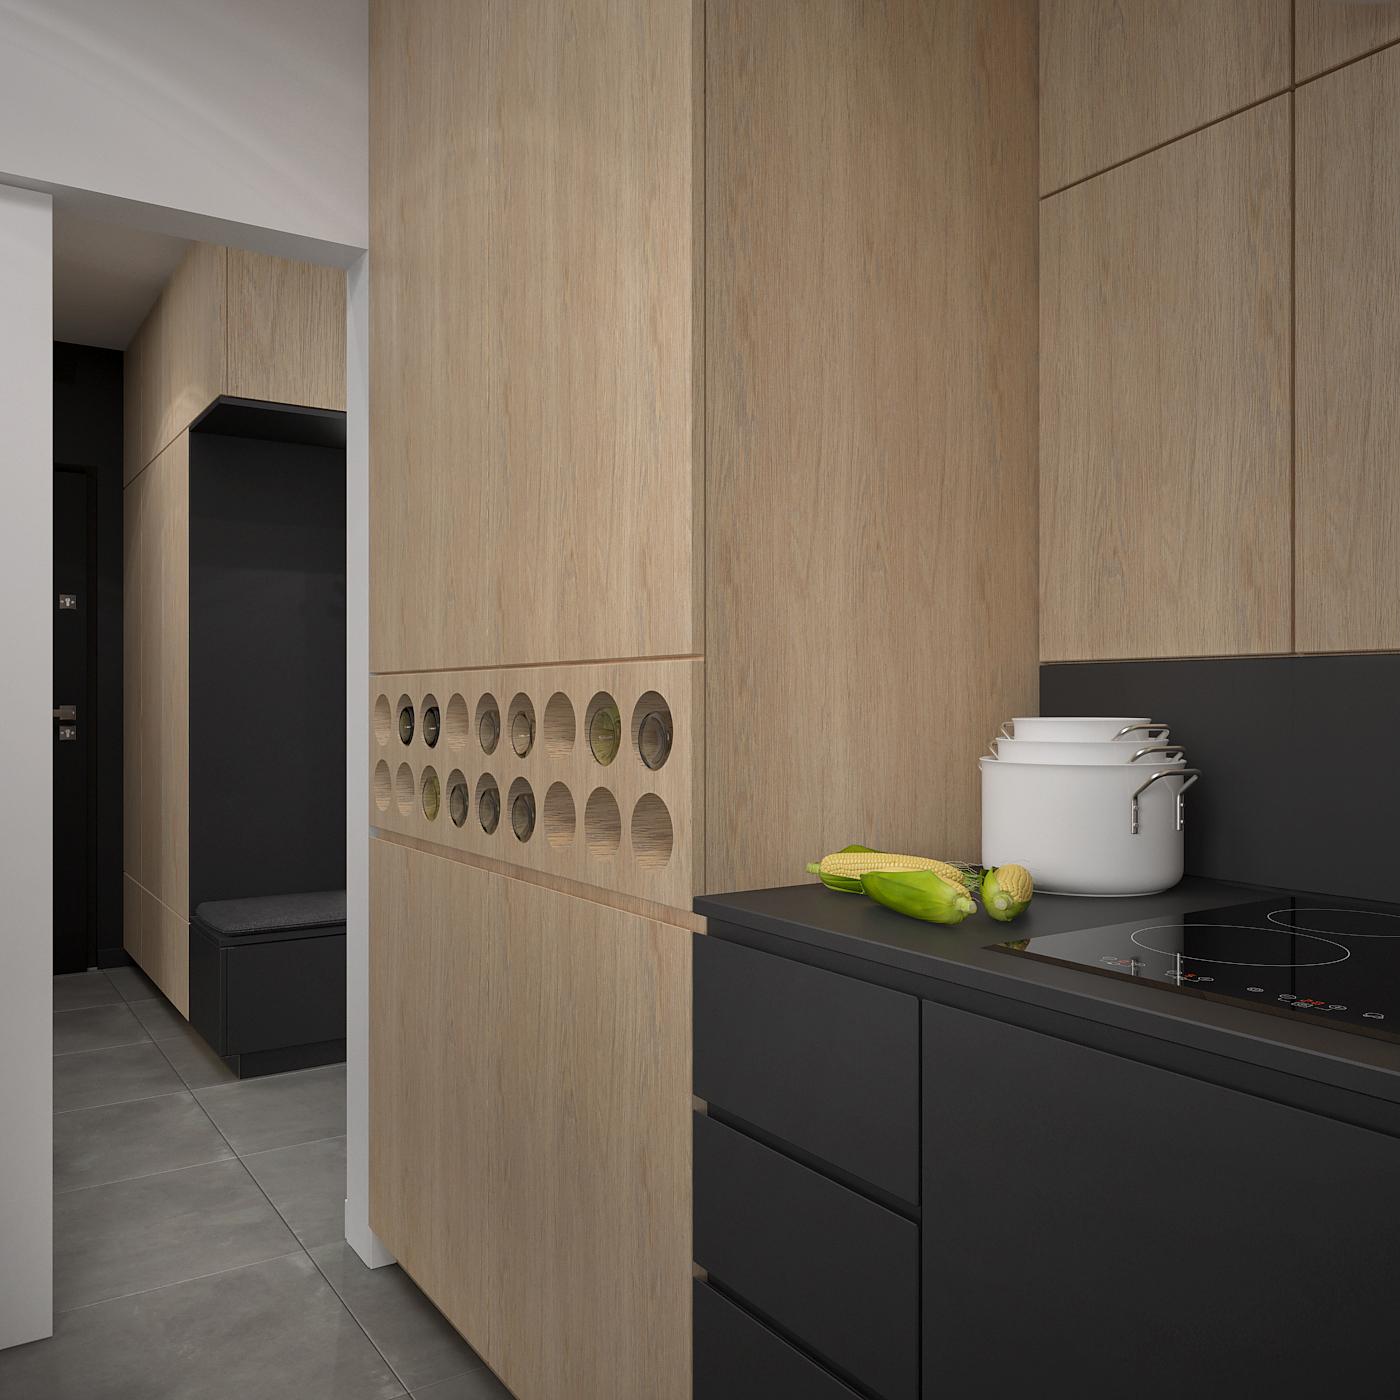 12 projekt wnetrza 537 mieszkanie krakow kuchnia okragle polki na wina czarna zabudowa meblowa fornirowane elementy